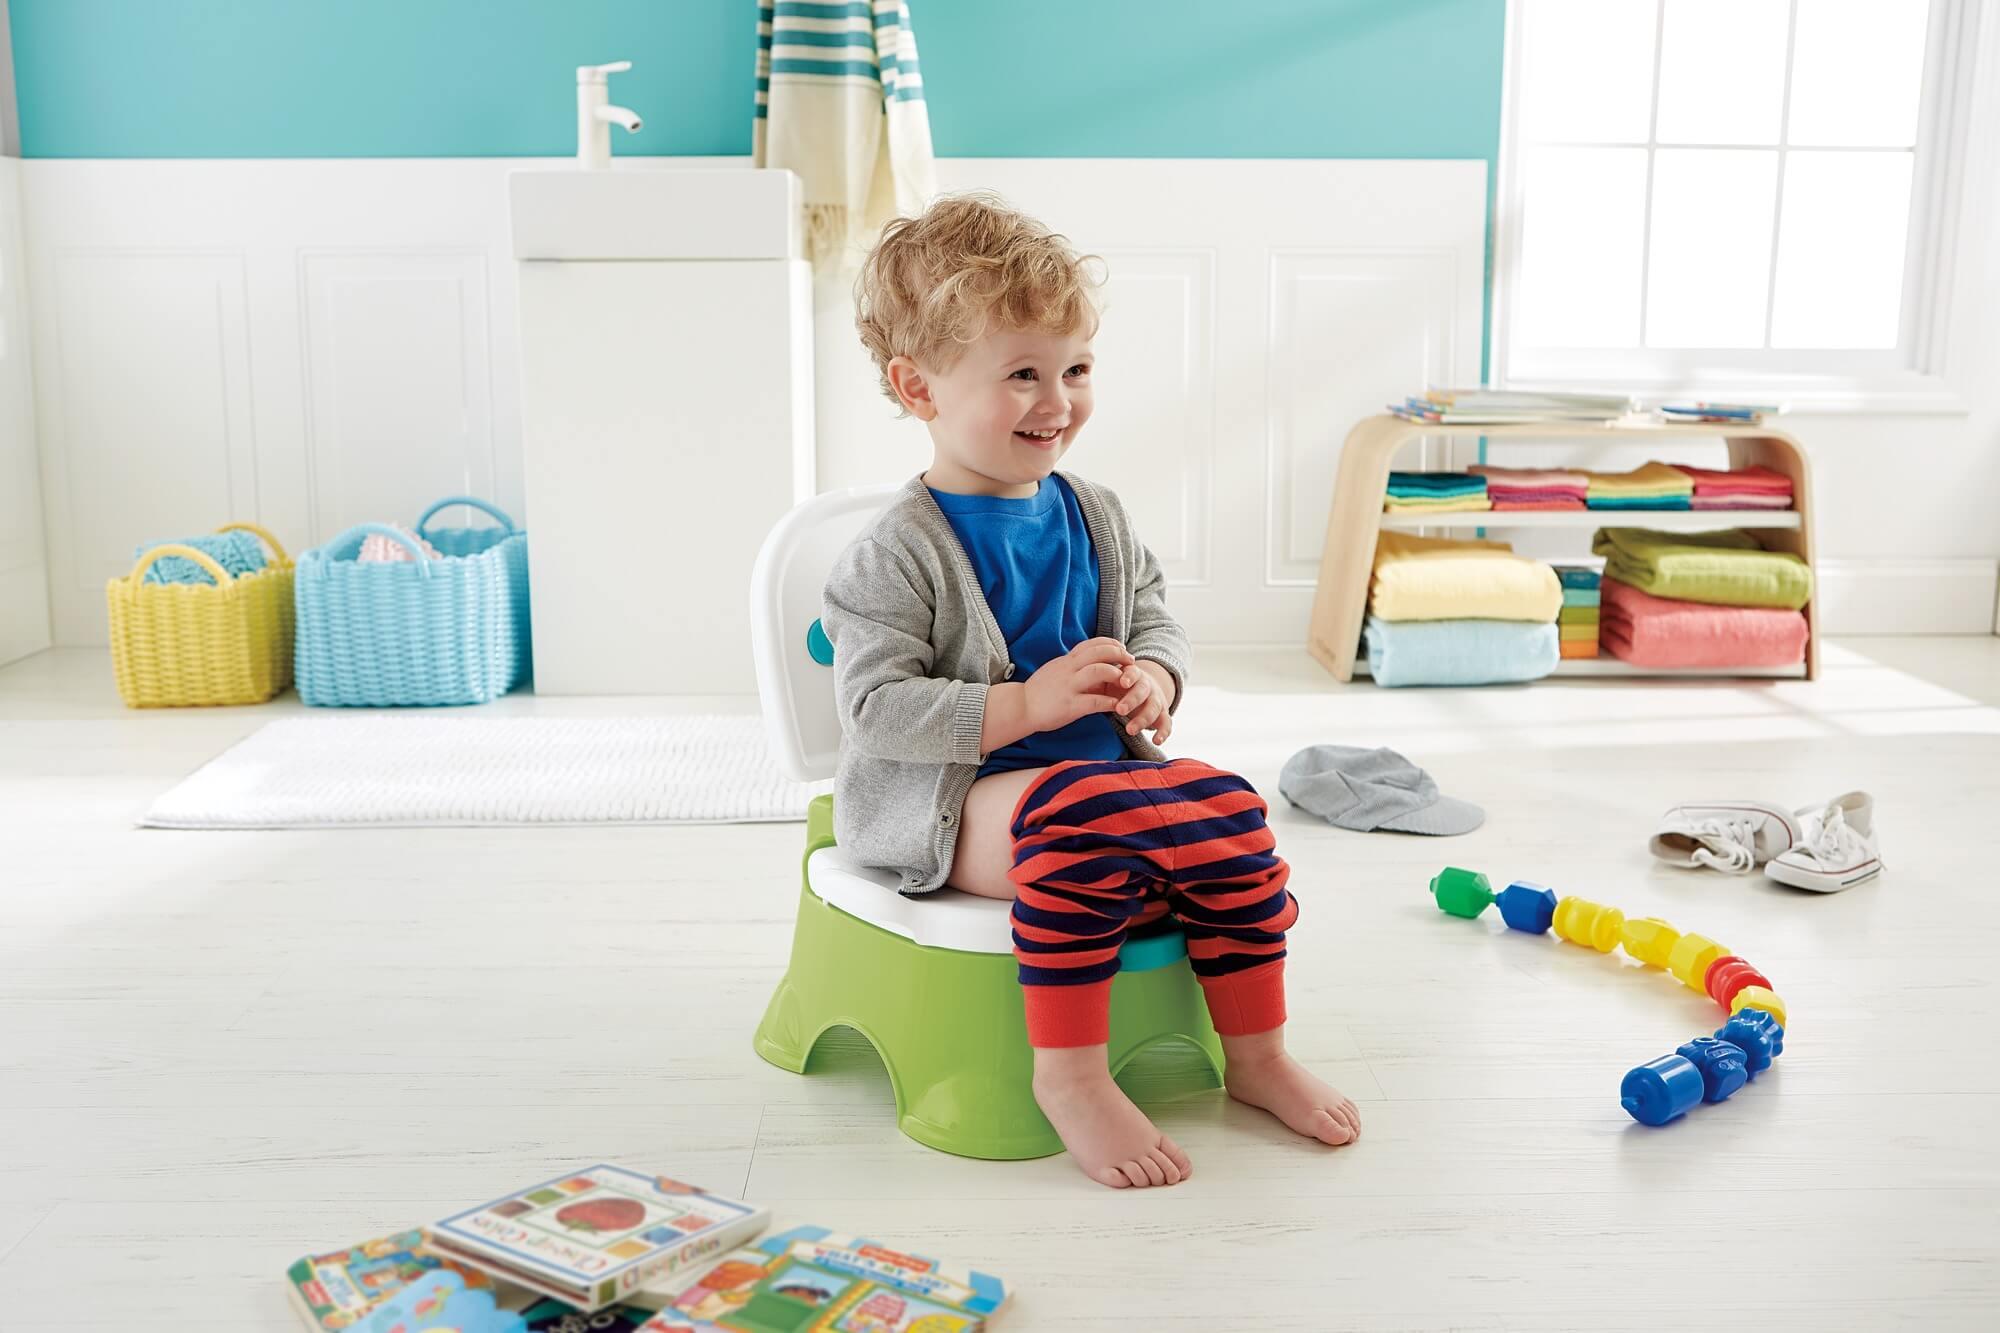 """Pieluchom mówimy """"Pa, pa!""""! Jak ułatwić maluchowi naukę korzystania z nocniczka?"""